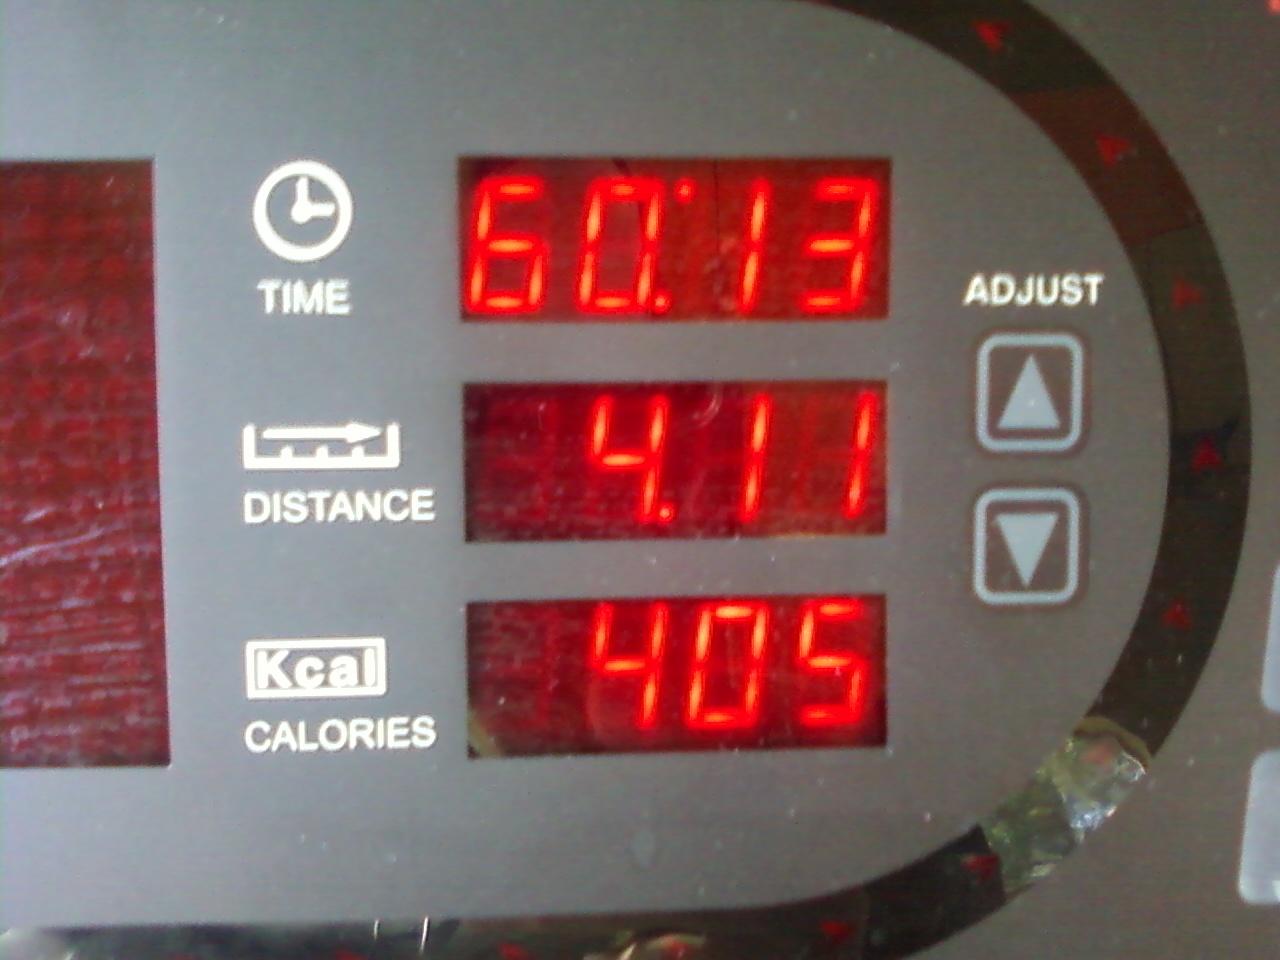 elliptical machine calorie burn calculator